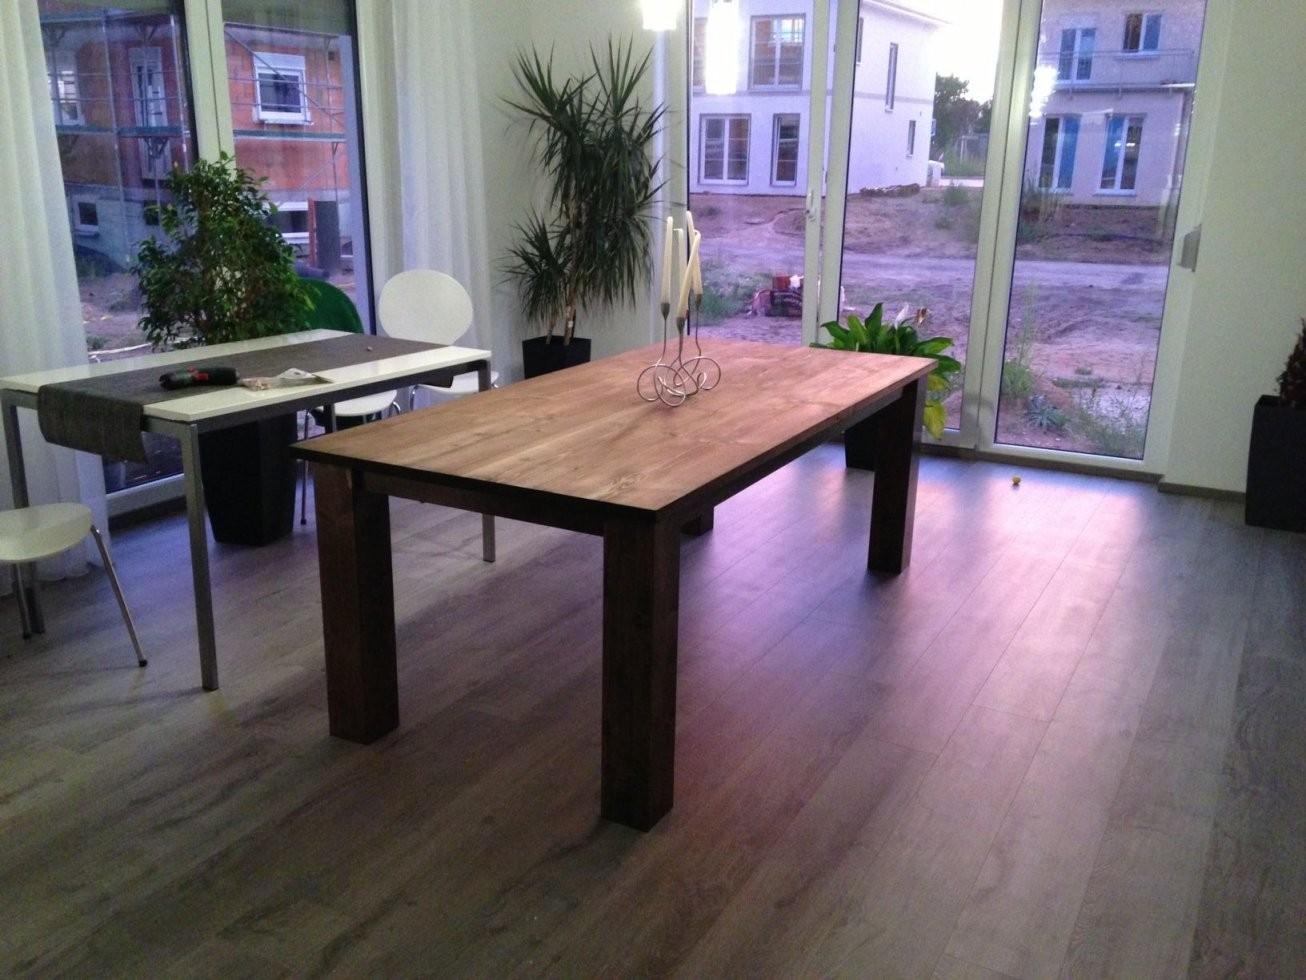 Mein Massiver Holztisch Bauanleitung Zum Selber Bauen  Carpentry In von Rustikaler Holztisch Selber Bauen Bild